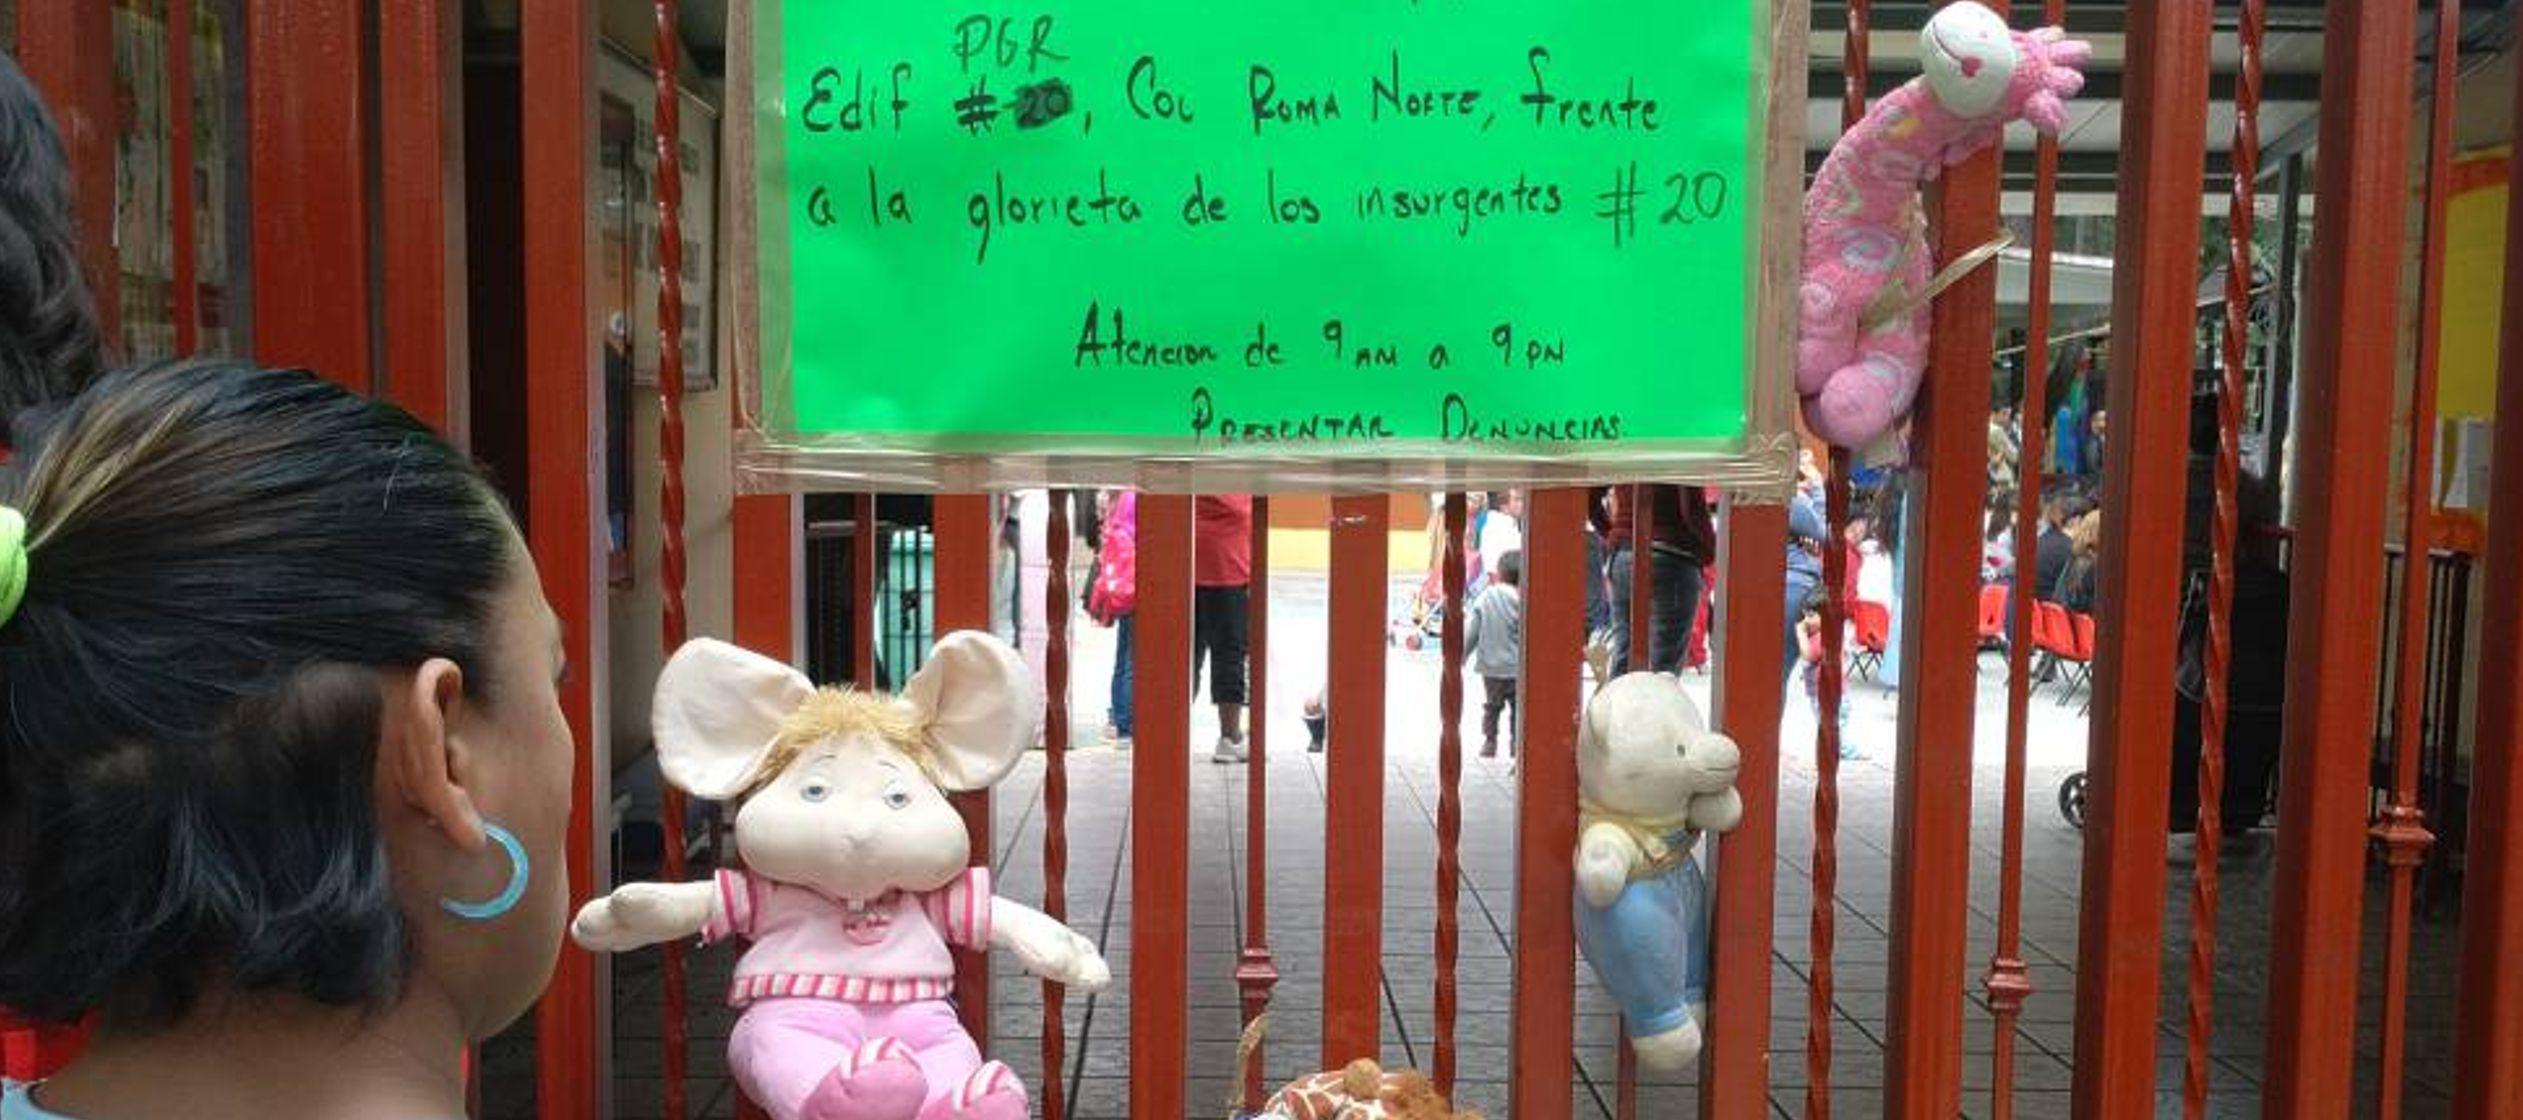 Detenido un hombre en México por el supuesto abuso a 26 niños en una guardería